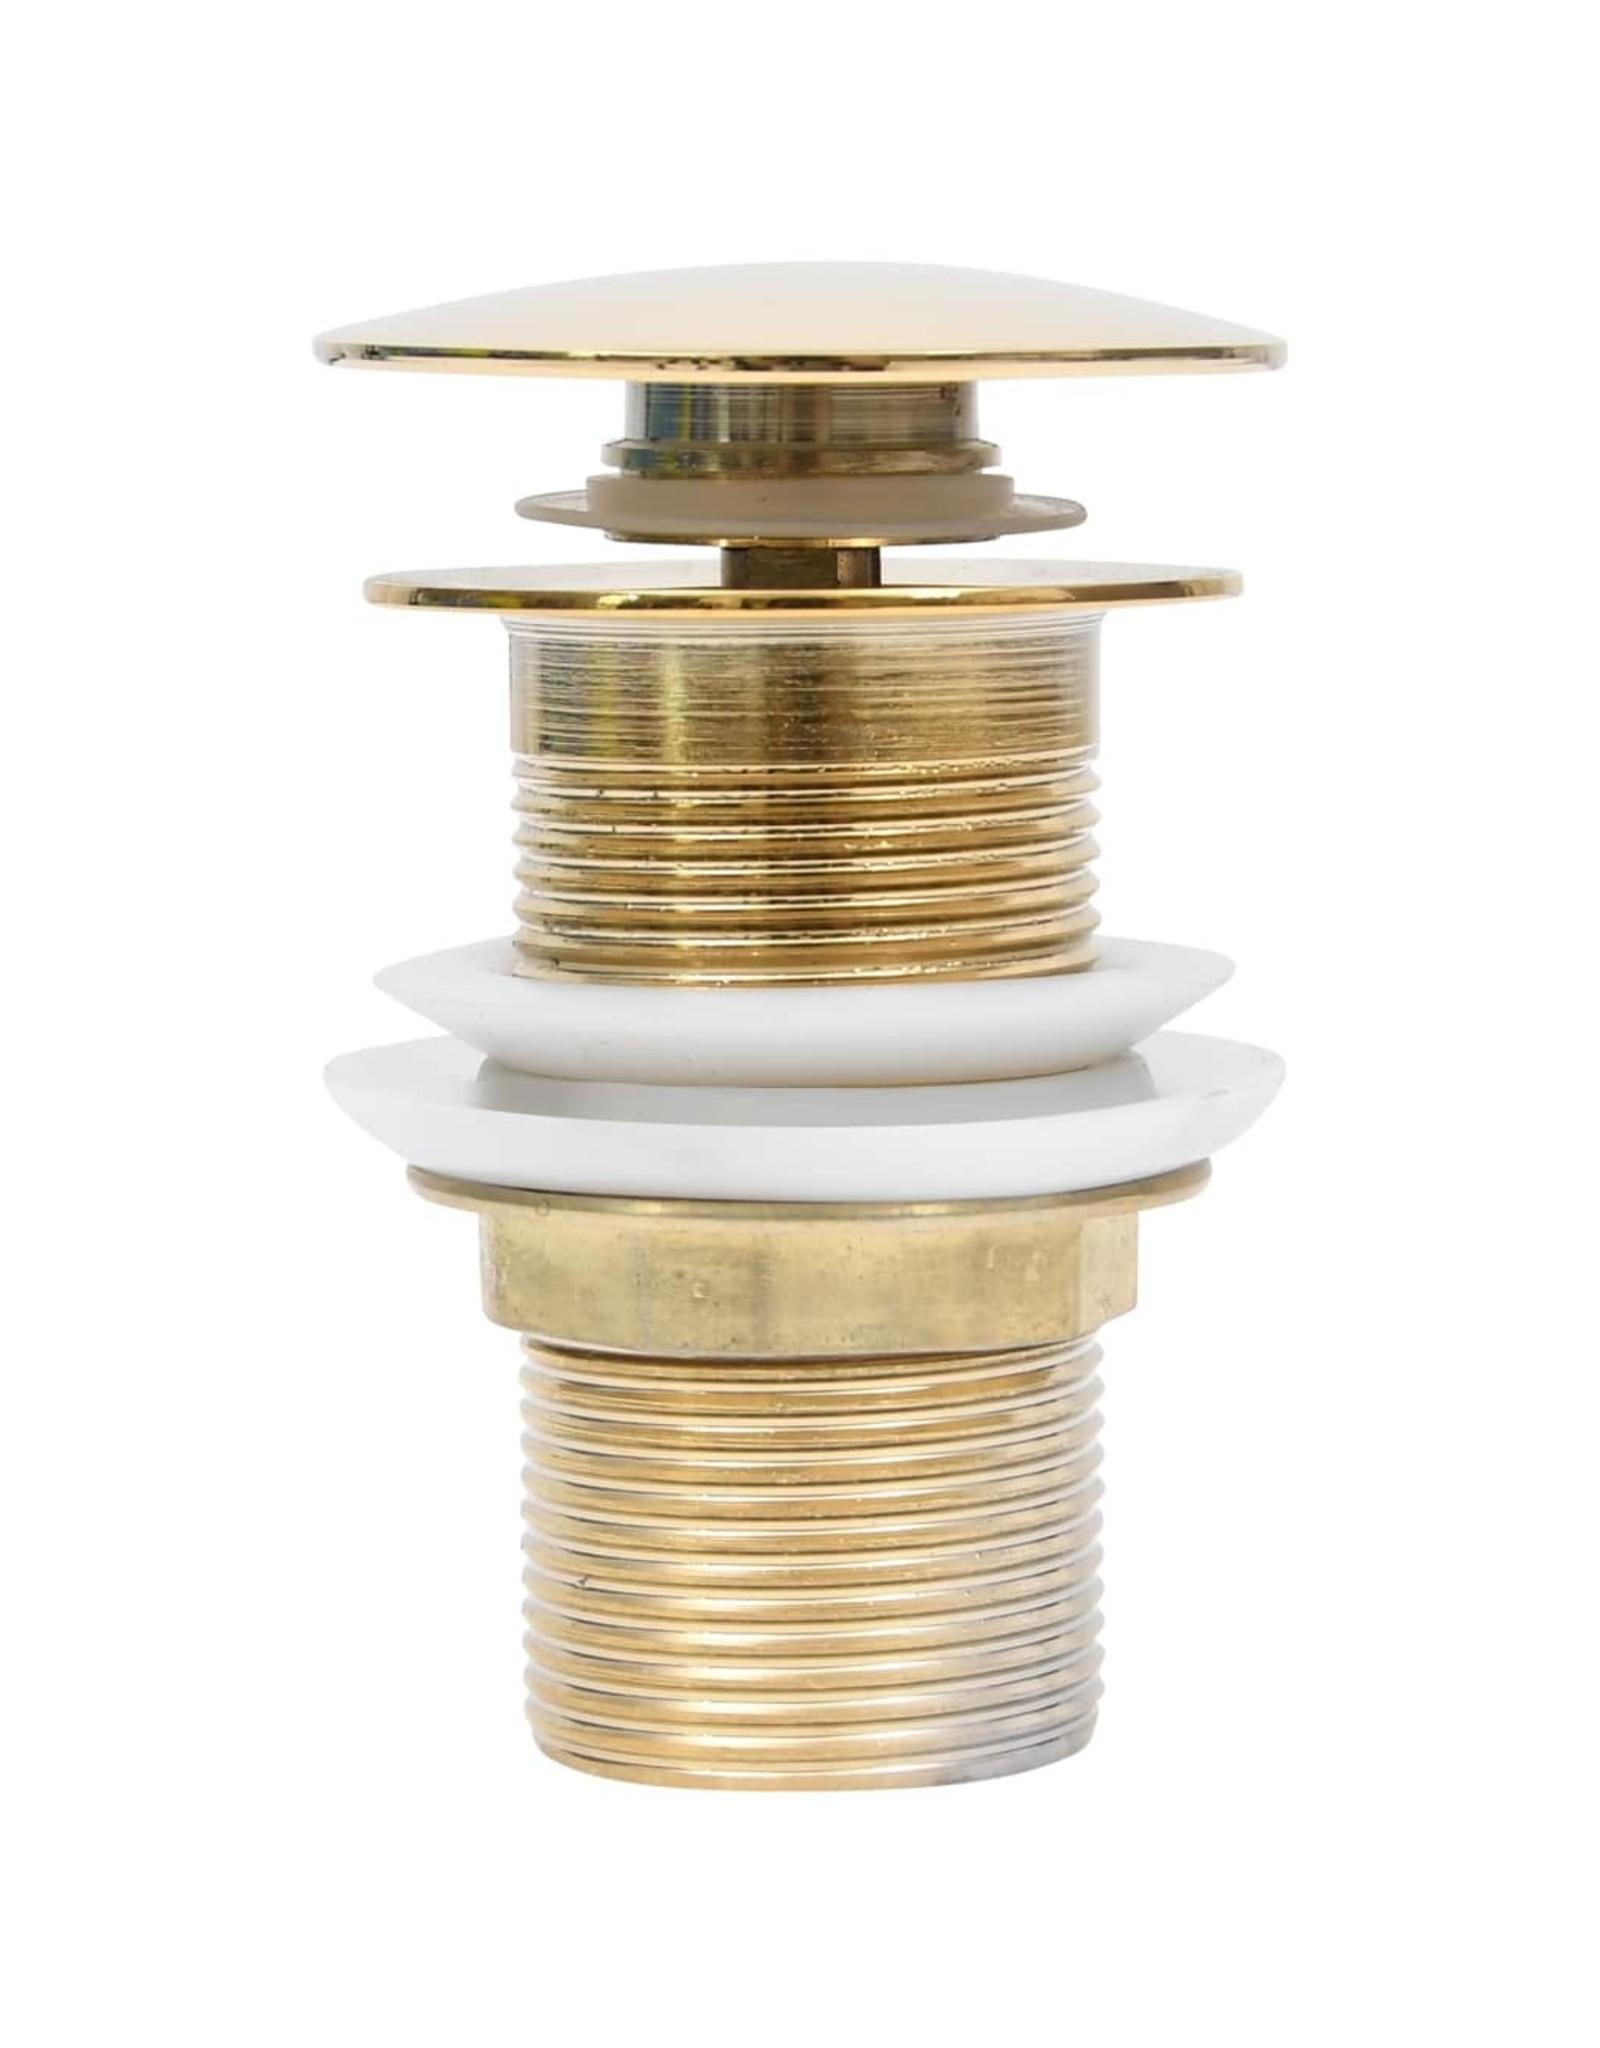 Afvoer pop-up zonder overloop 6,4x6,4x9,1 cm goudkleurig